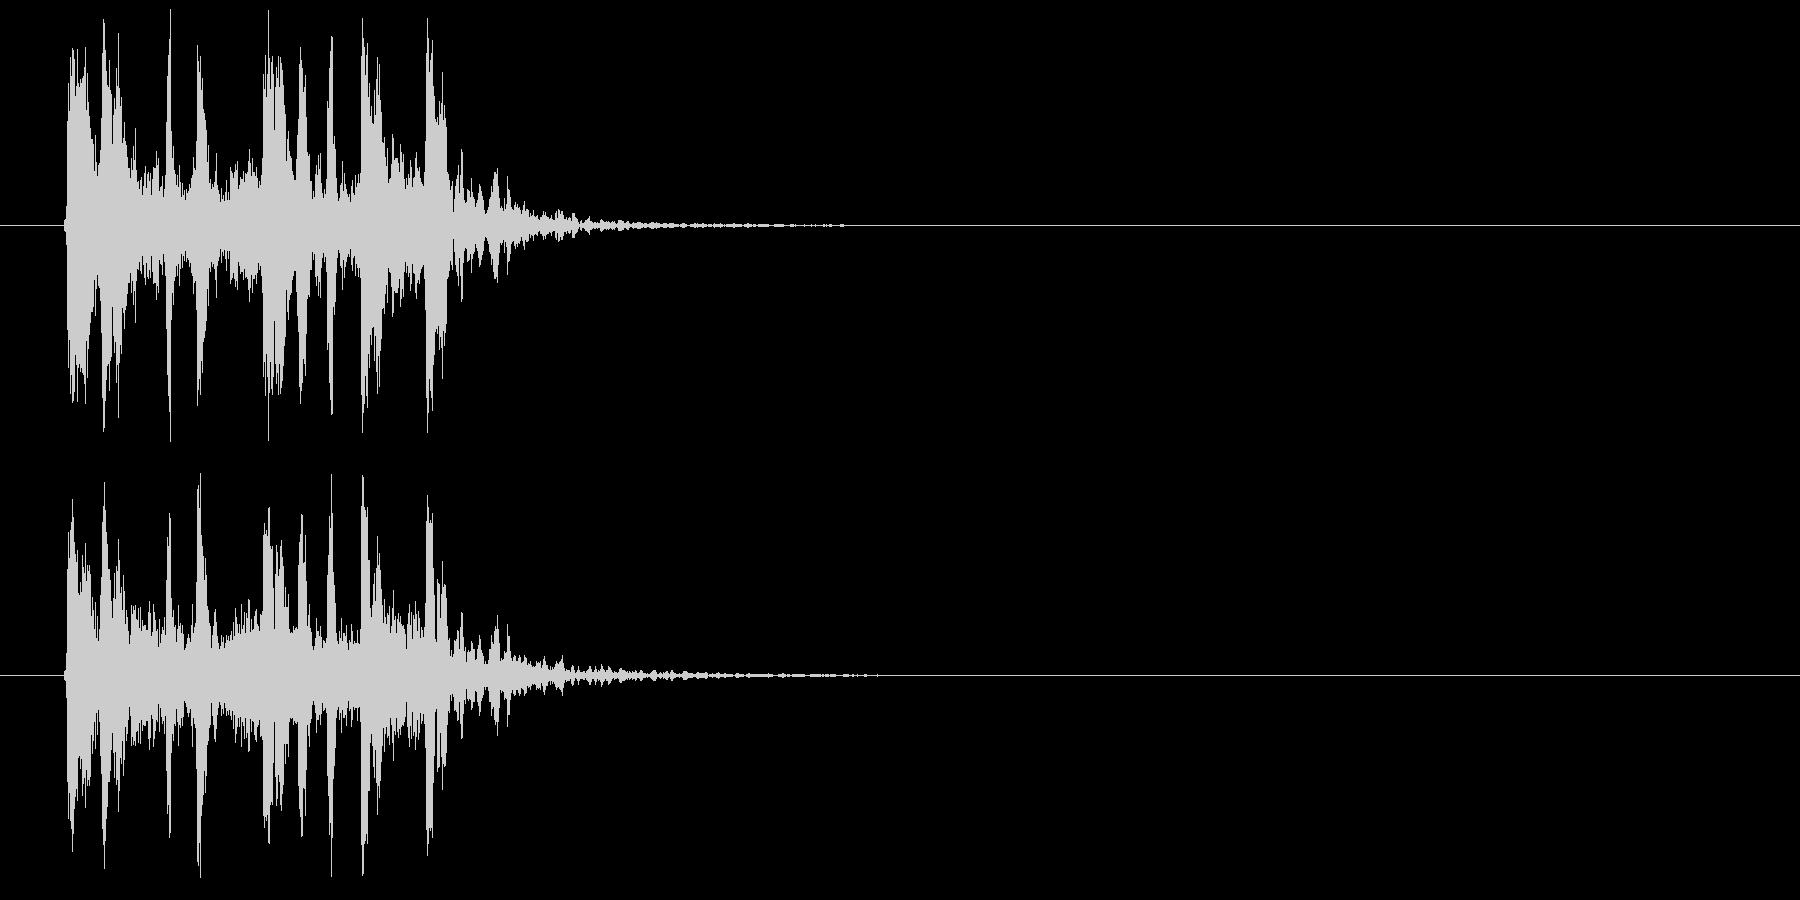 疾走感のあるテクノ音楽の未再生の波形